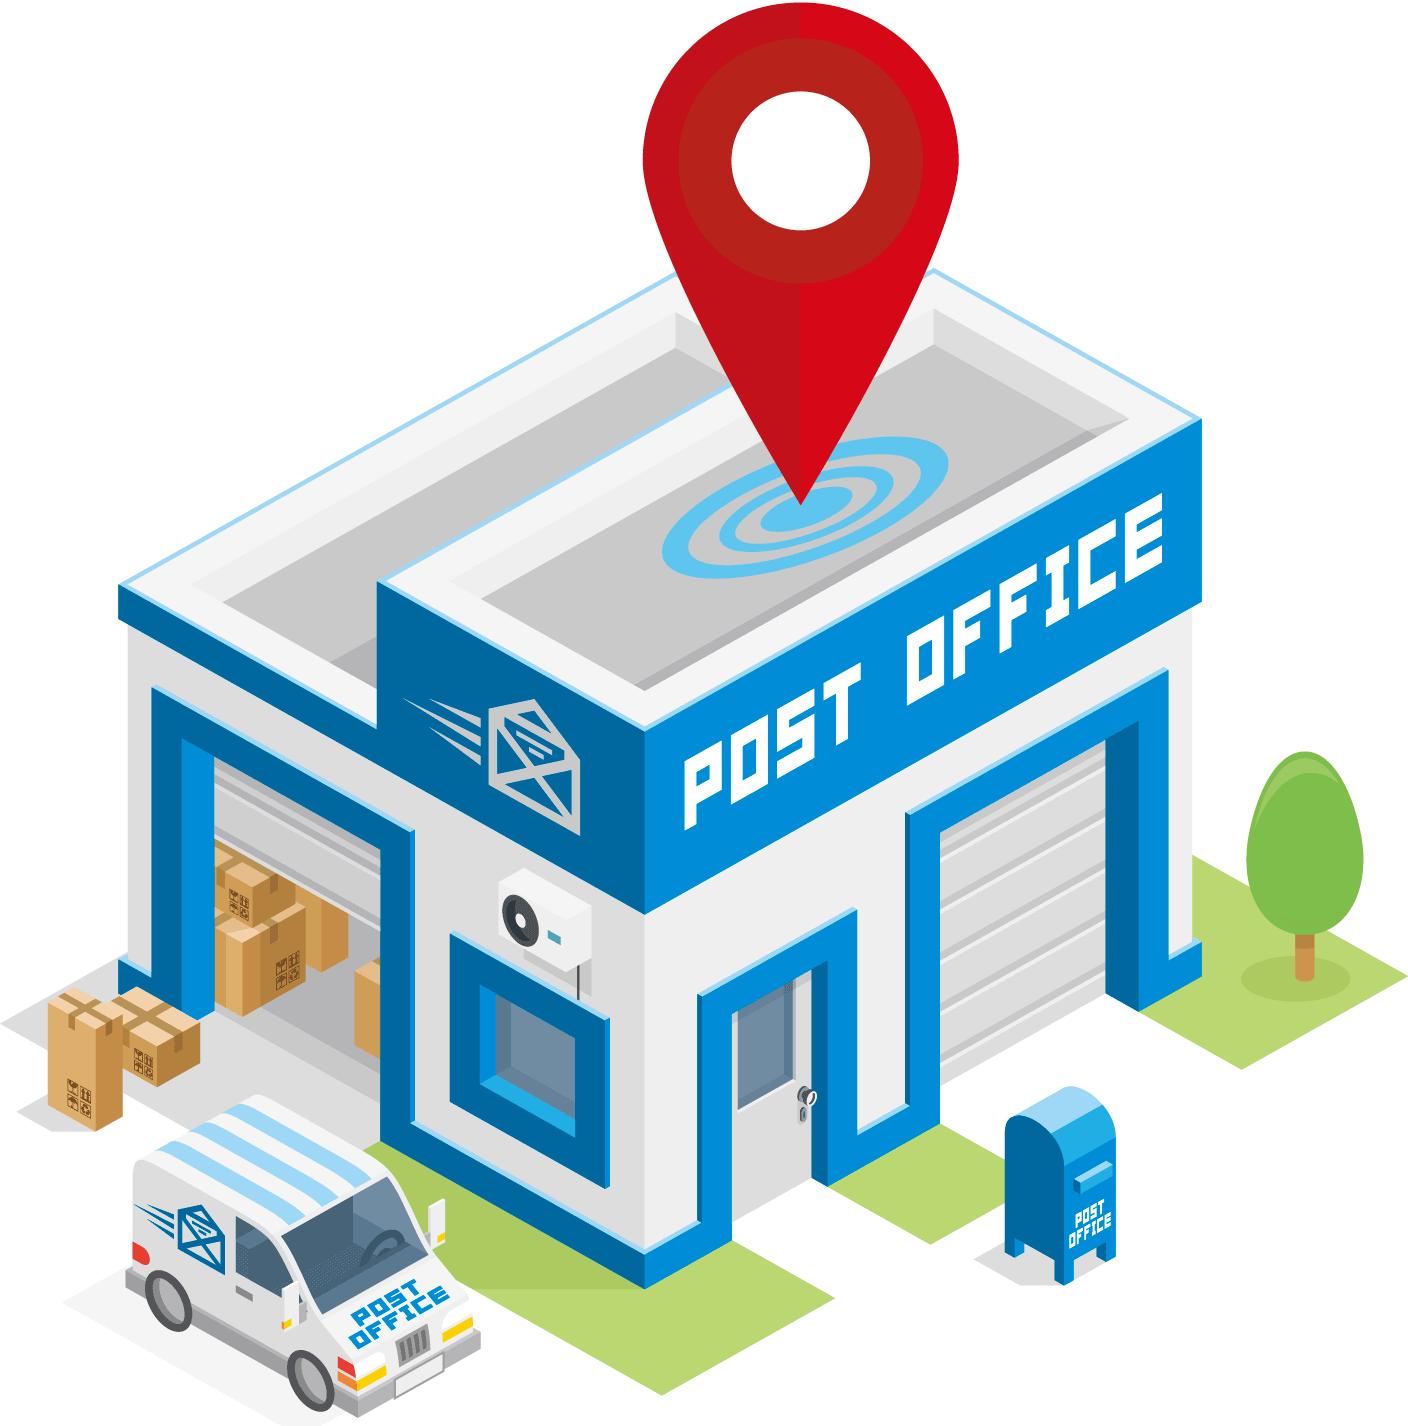 immagini post office